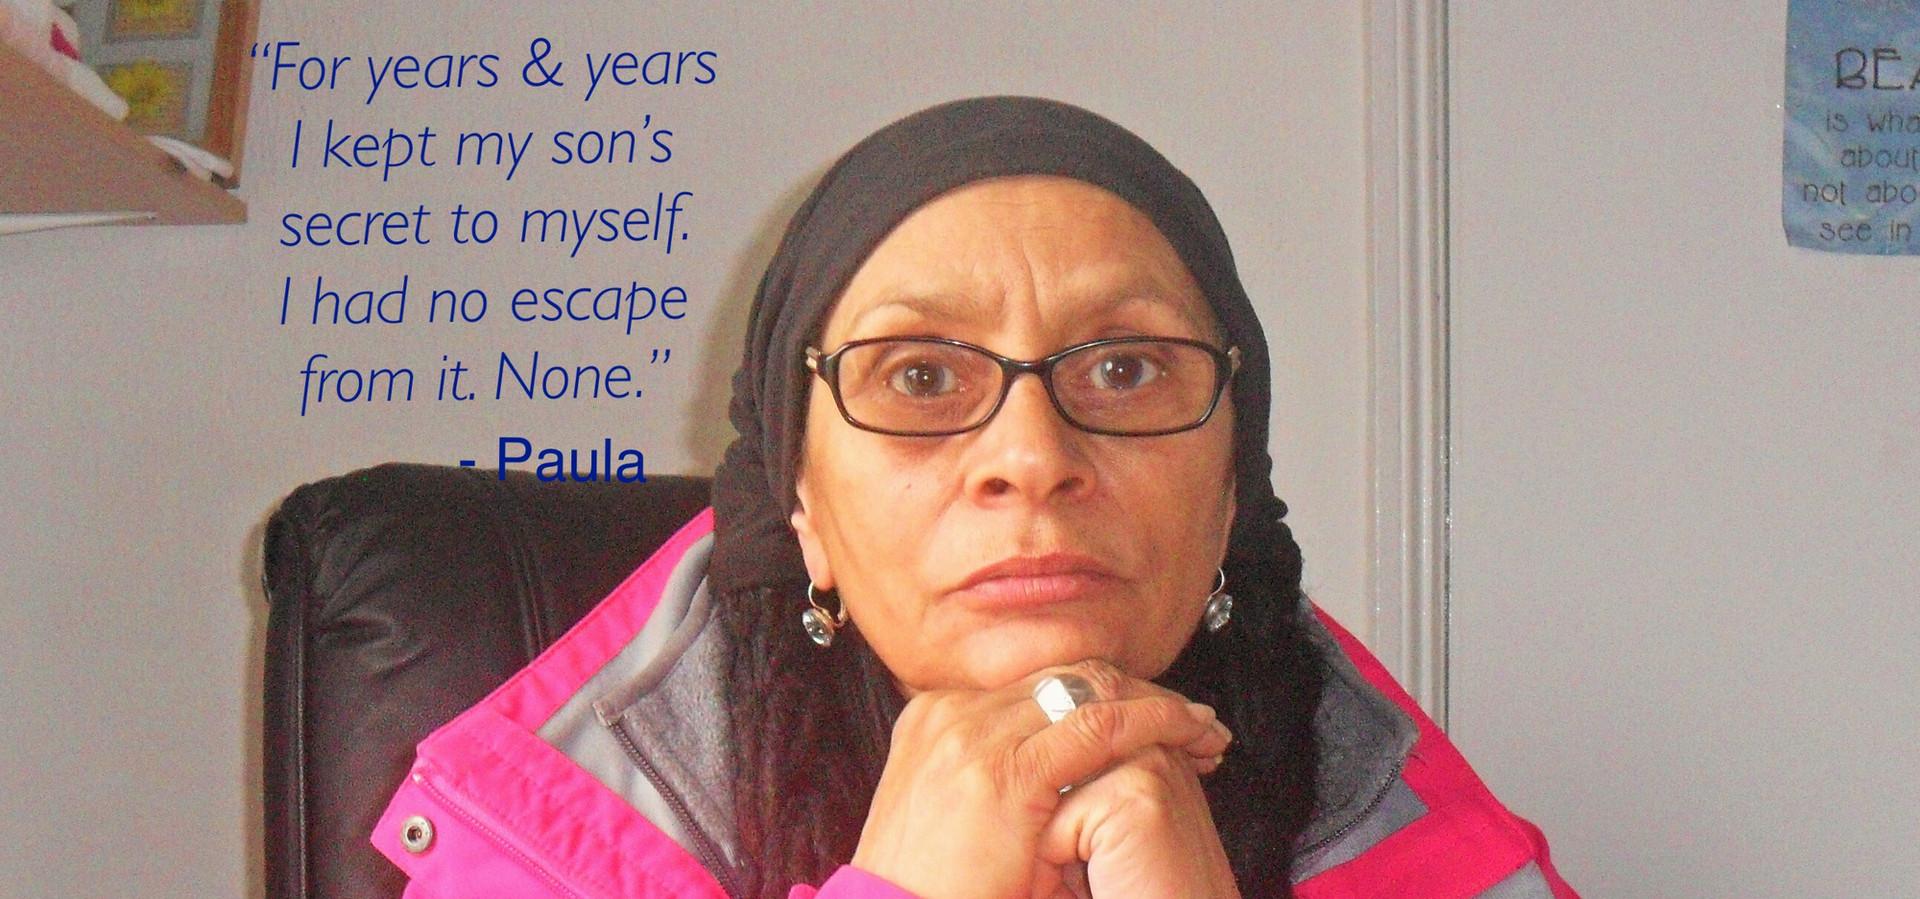 Read Paula's story here